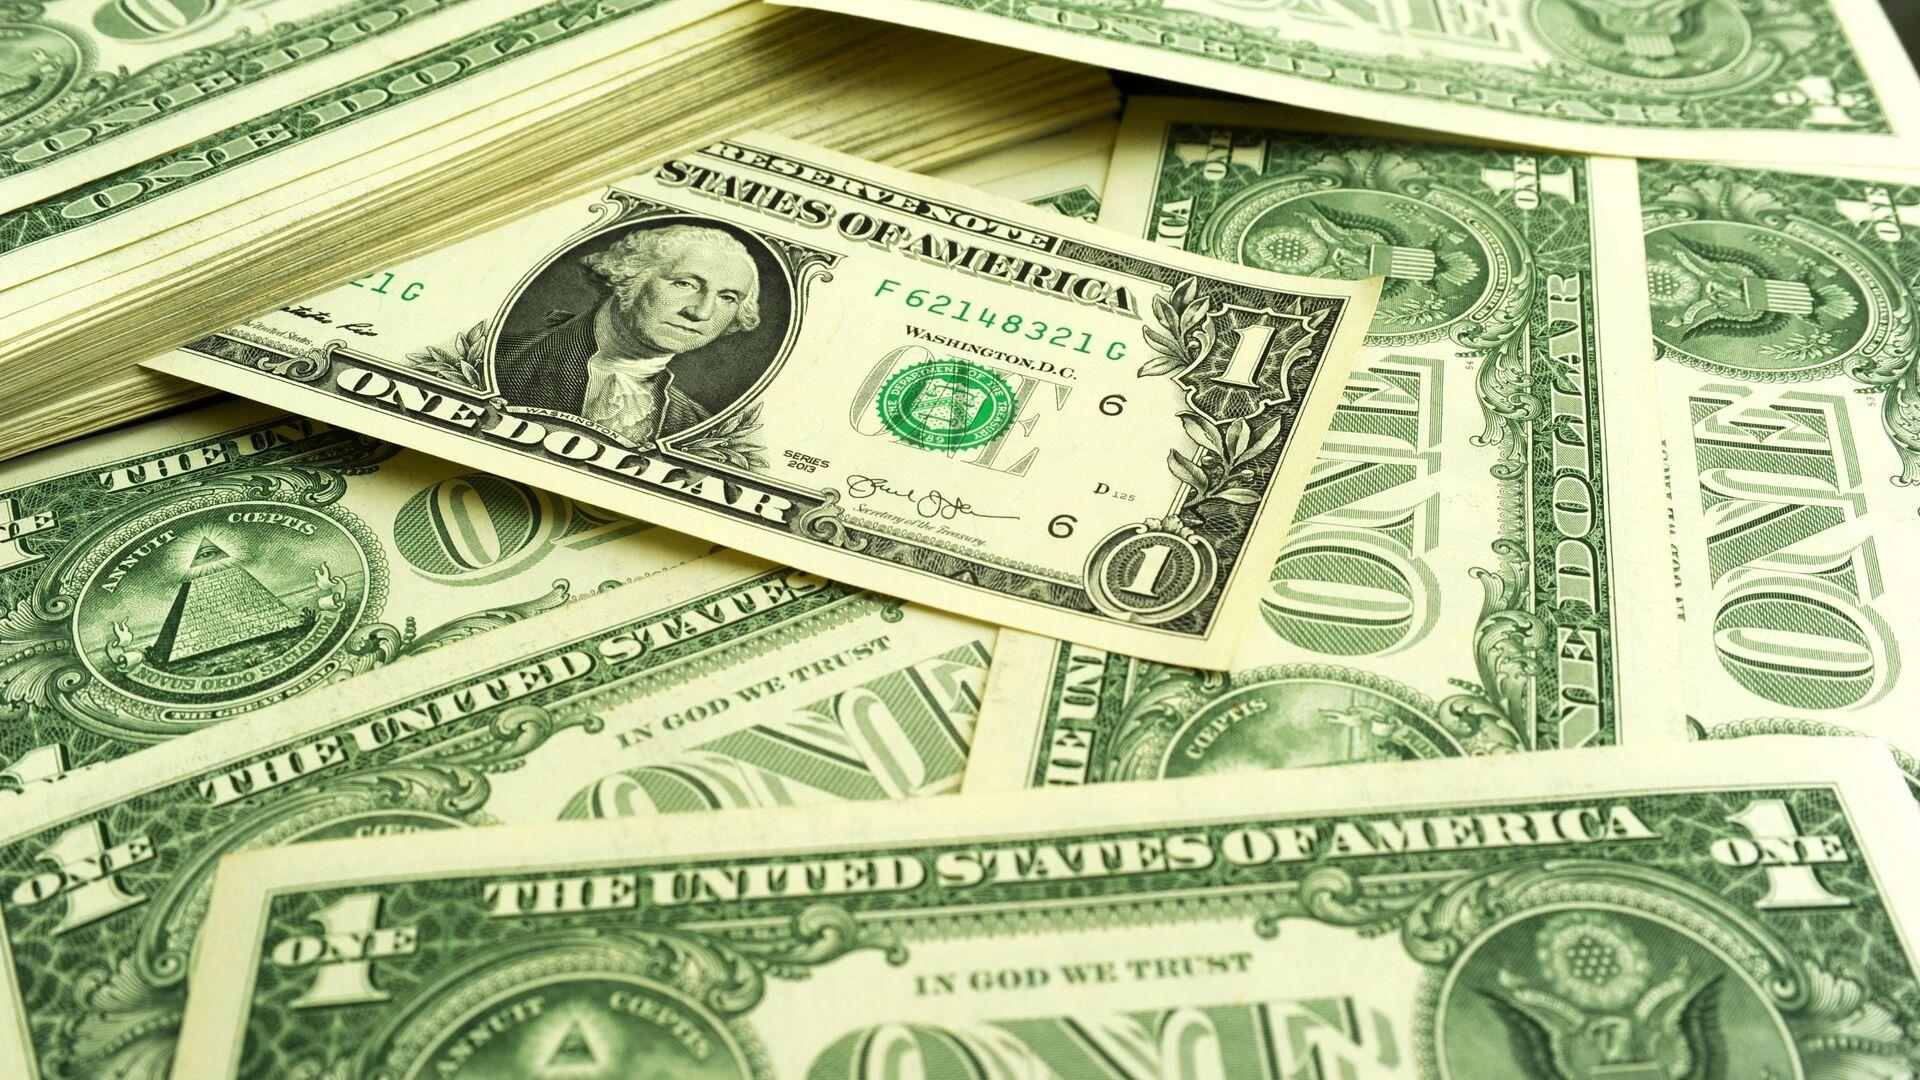 Банкноты номиналом 1 доллар США. - Sputnik Таджикистан, 1920, 20.06.2021